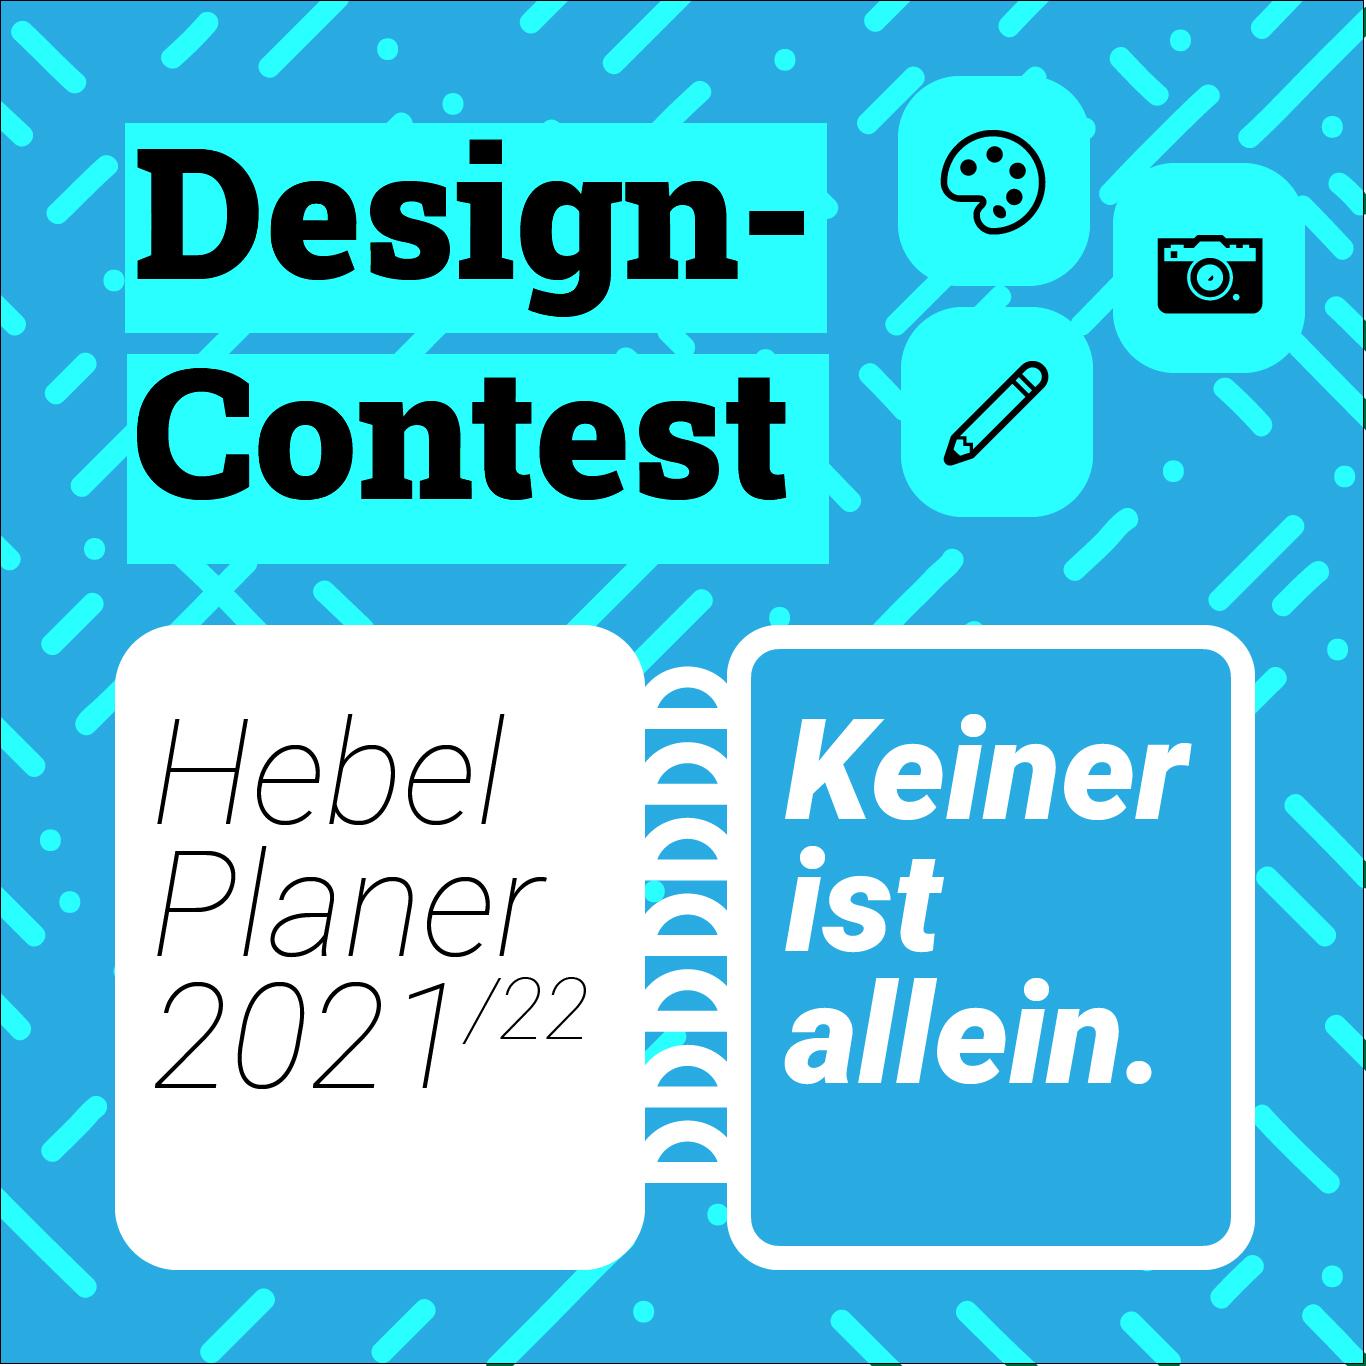 Design-Contest Hebelplaner 2021